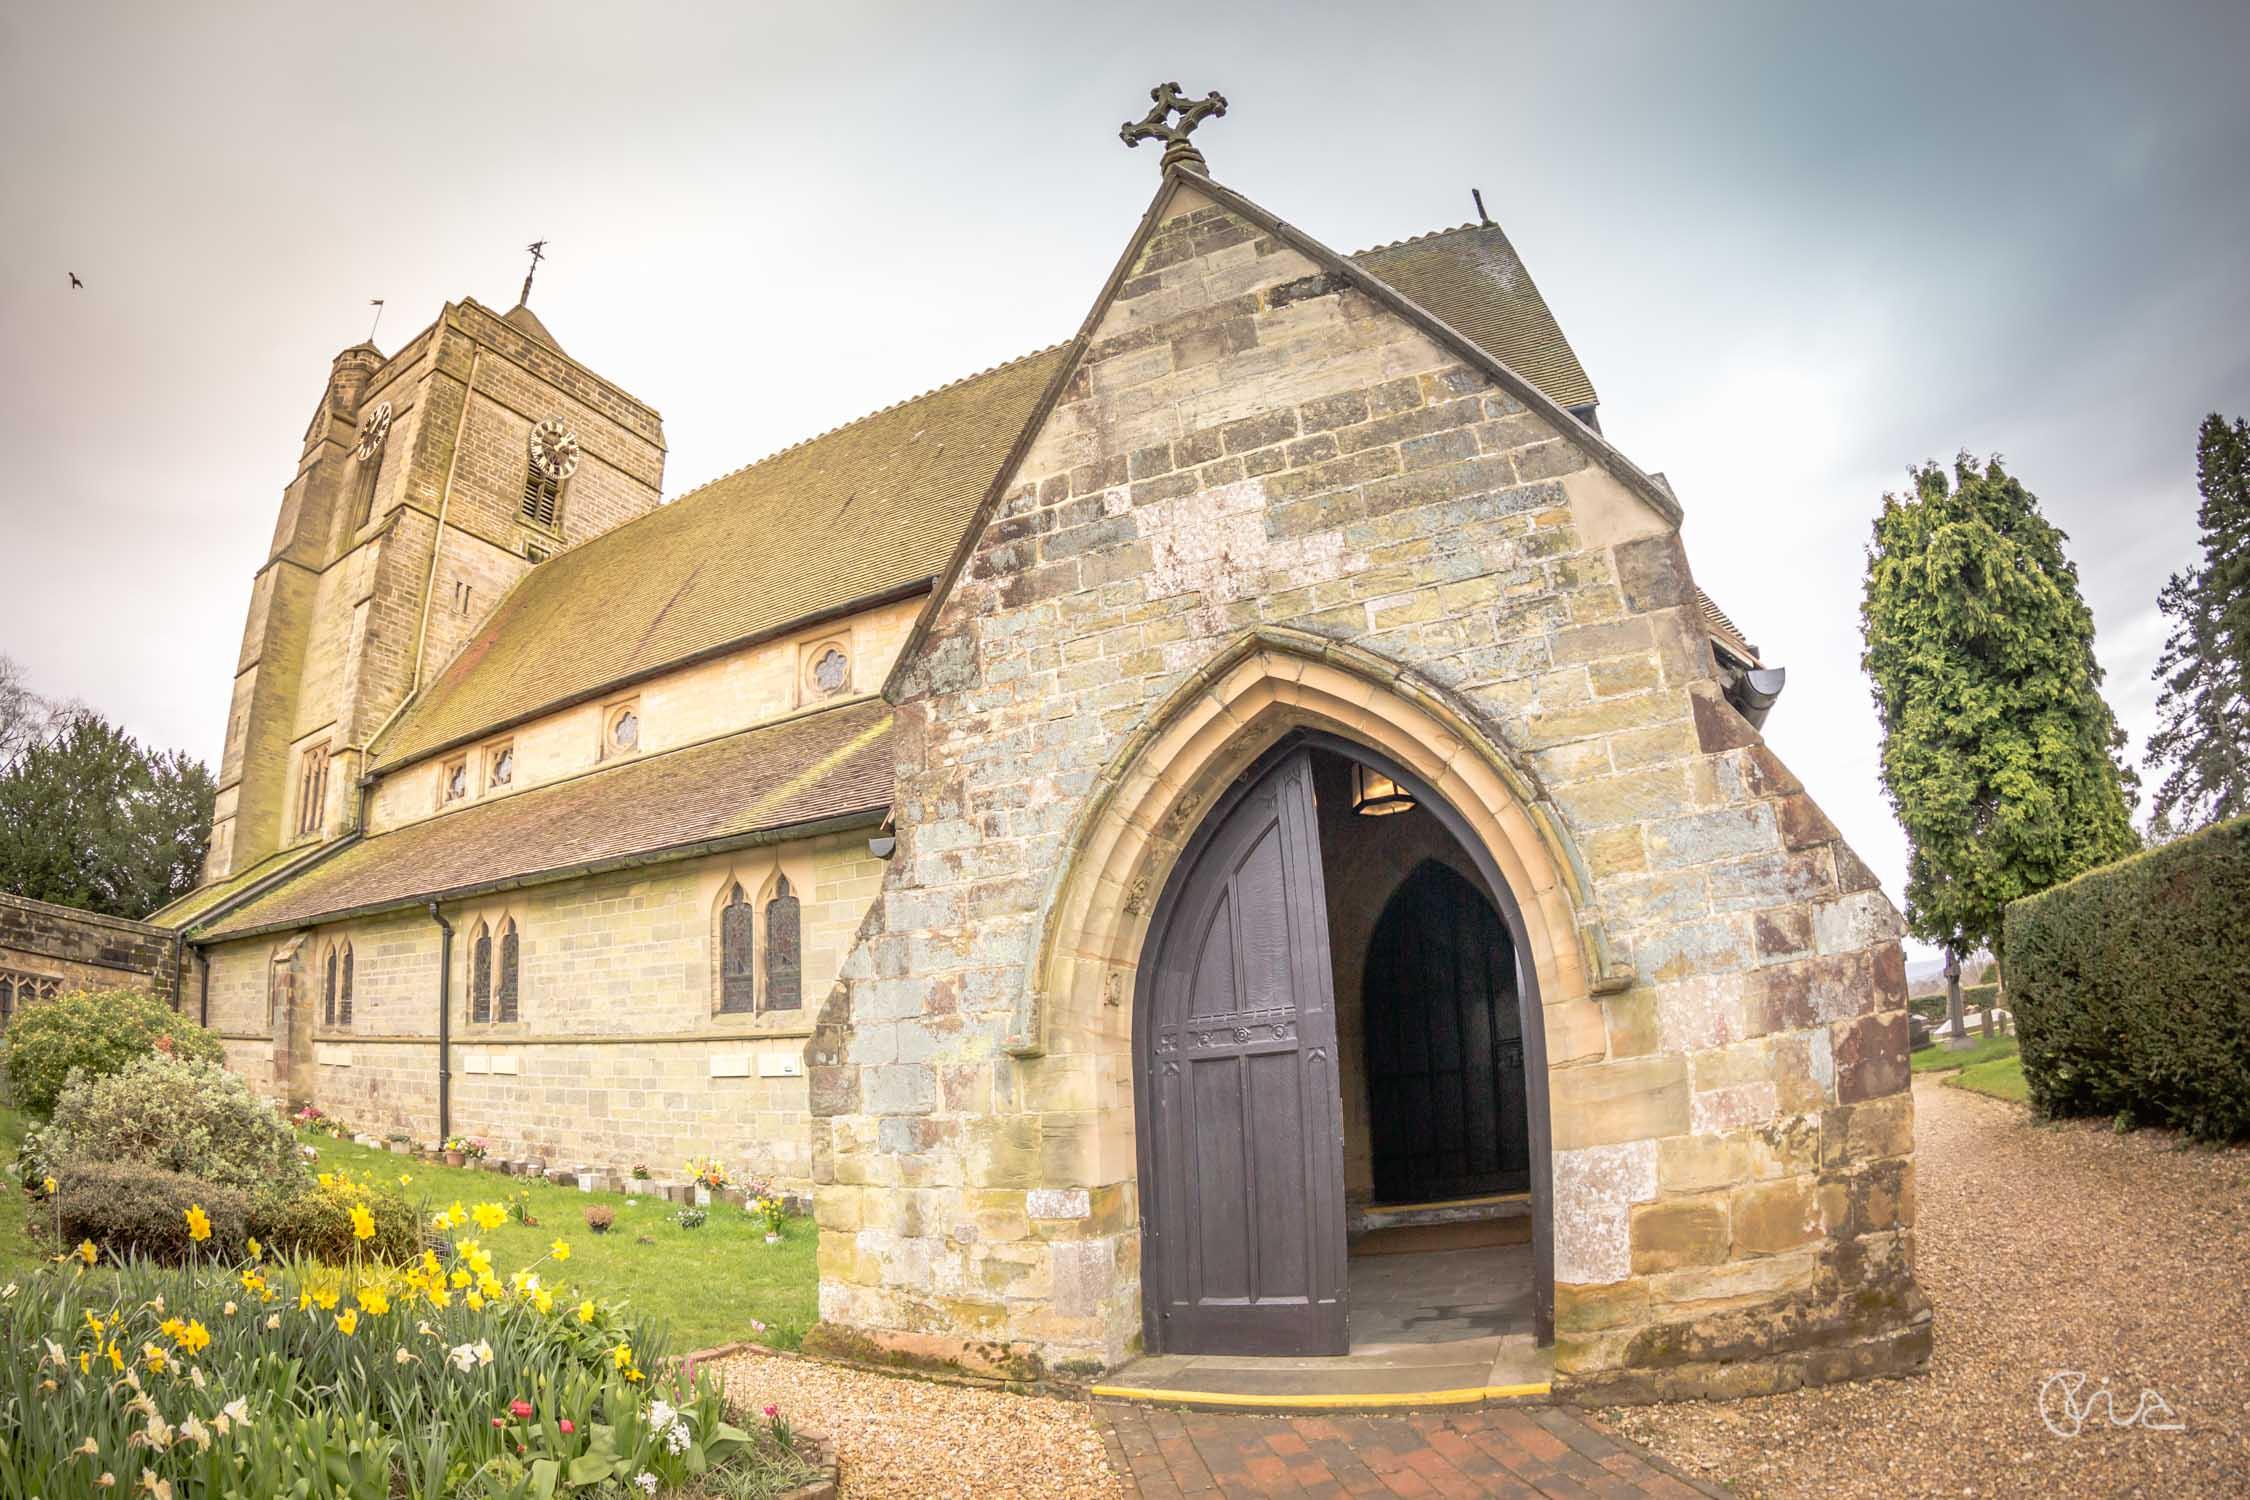 St Wilfred Church in Haywards Heath